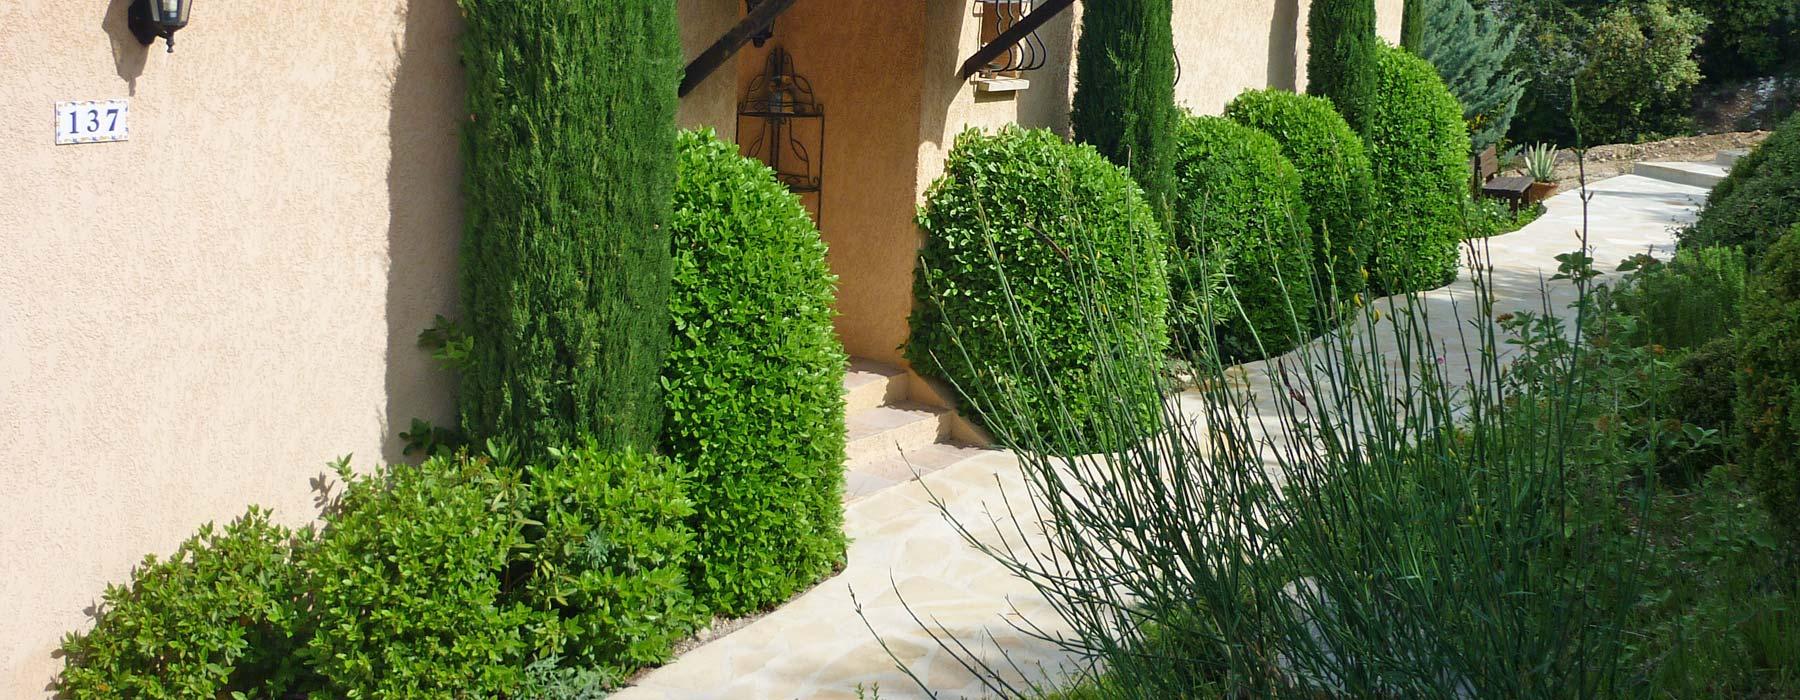 Bernard teste paysagiste en dr me et vaucluse cr ation for Entretien jardin 27